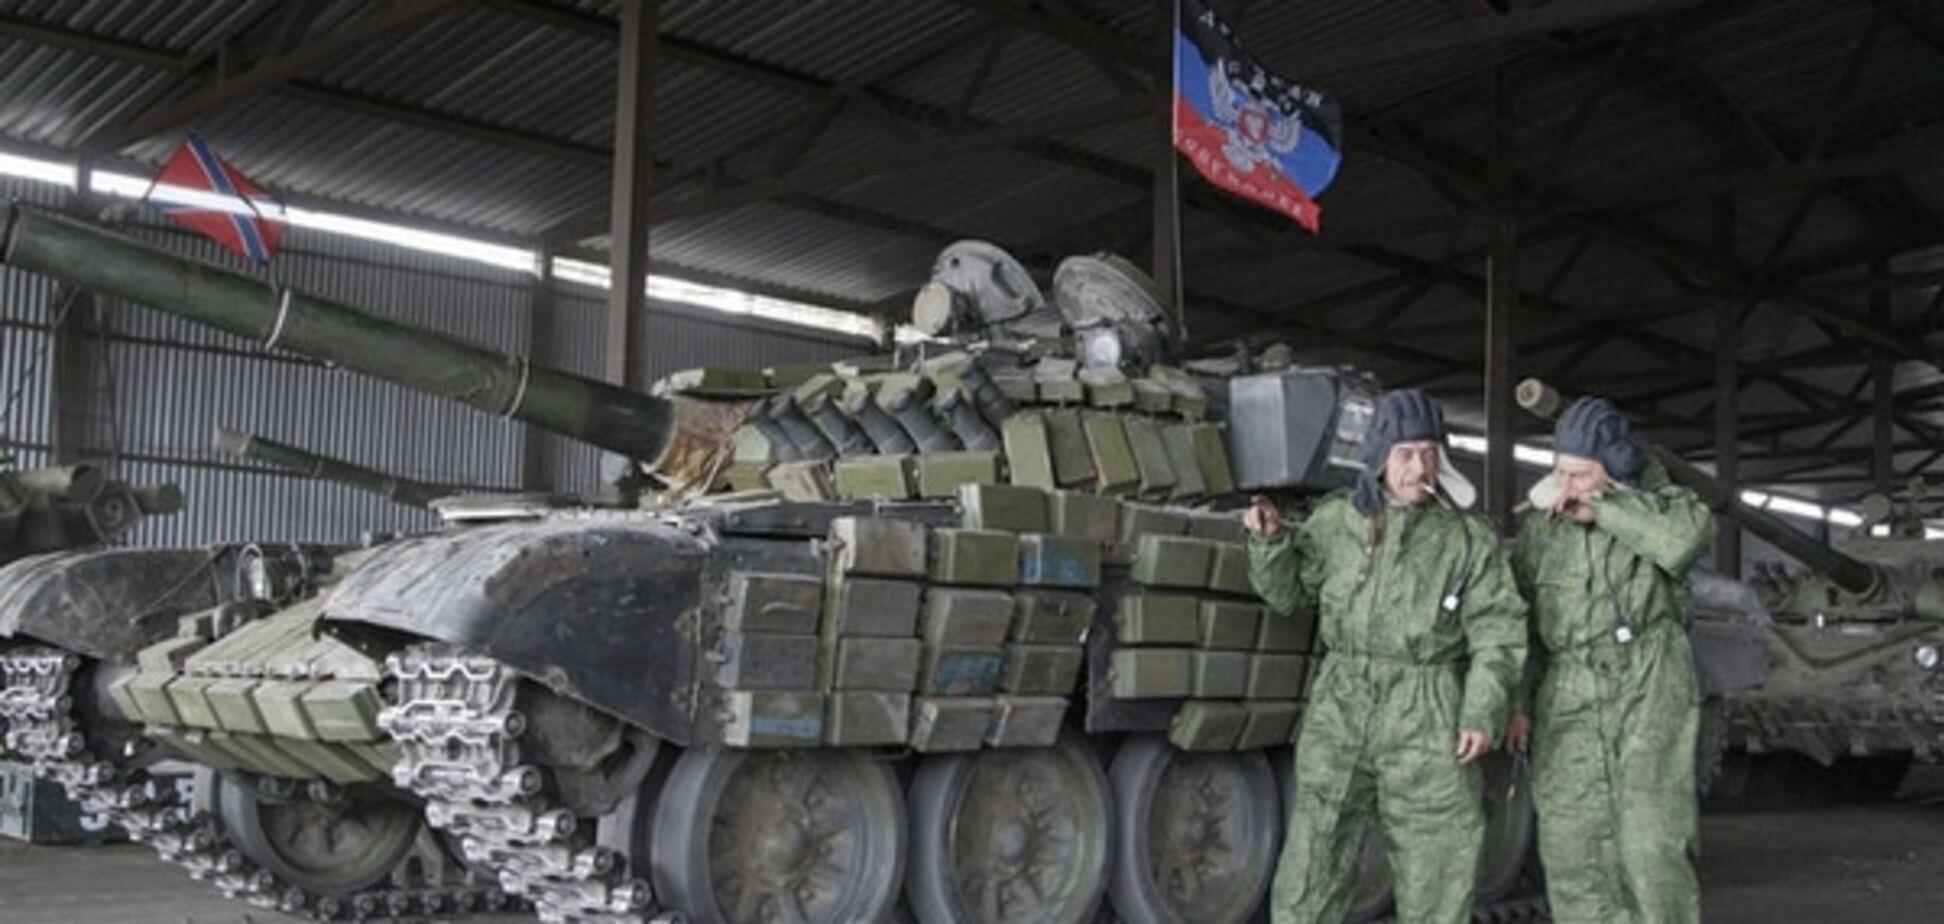 Замасковані під терористів військові з РФ готують техніку до повернення в Росію - Тимчук